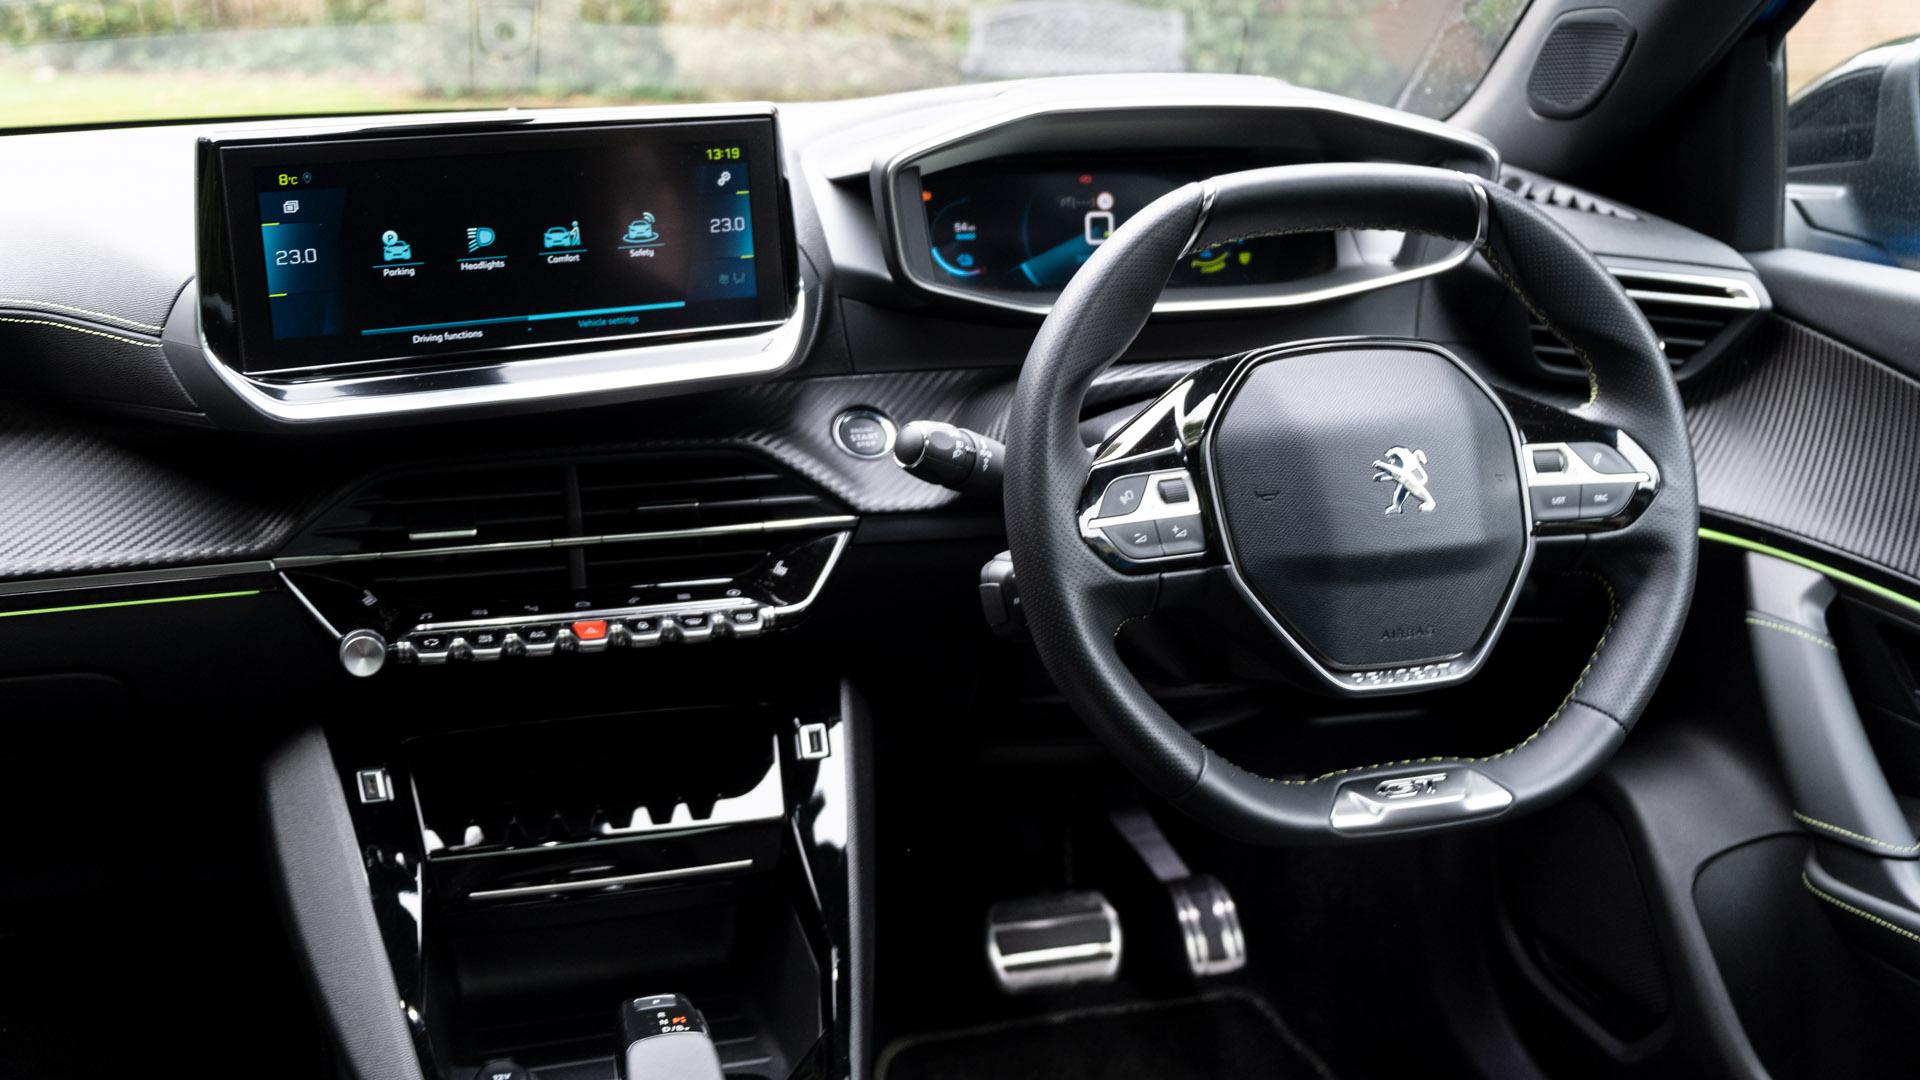 Peugeot e-2008 front cabin